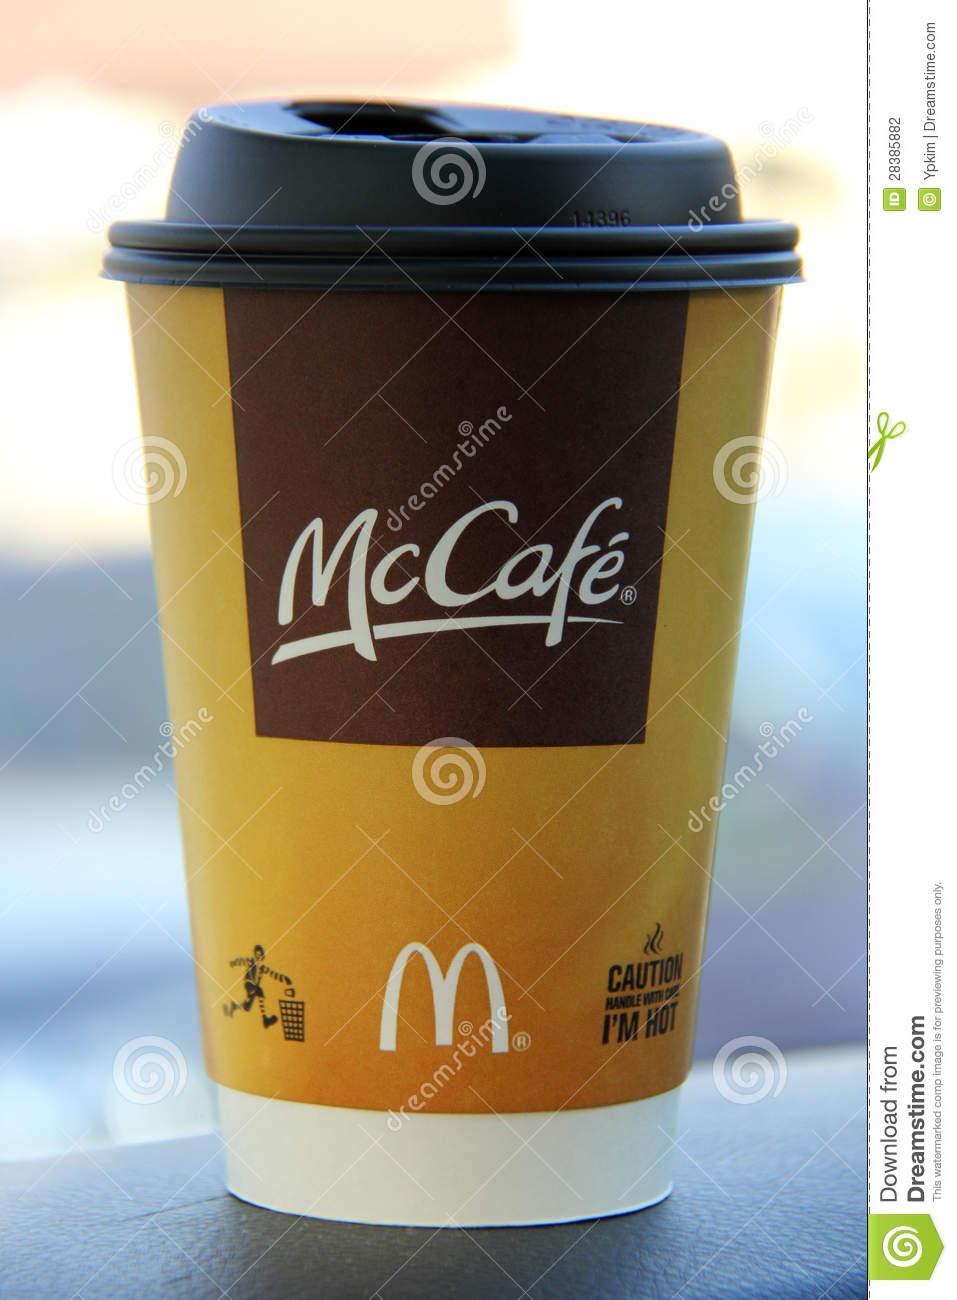 McDonald's McCafe Editorial Photography.